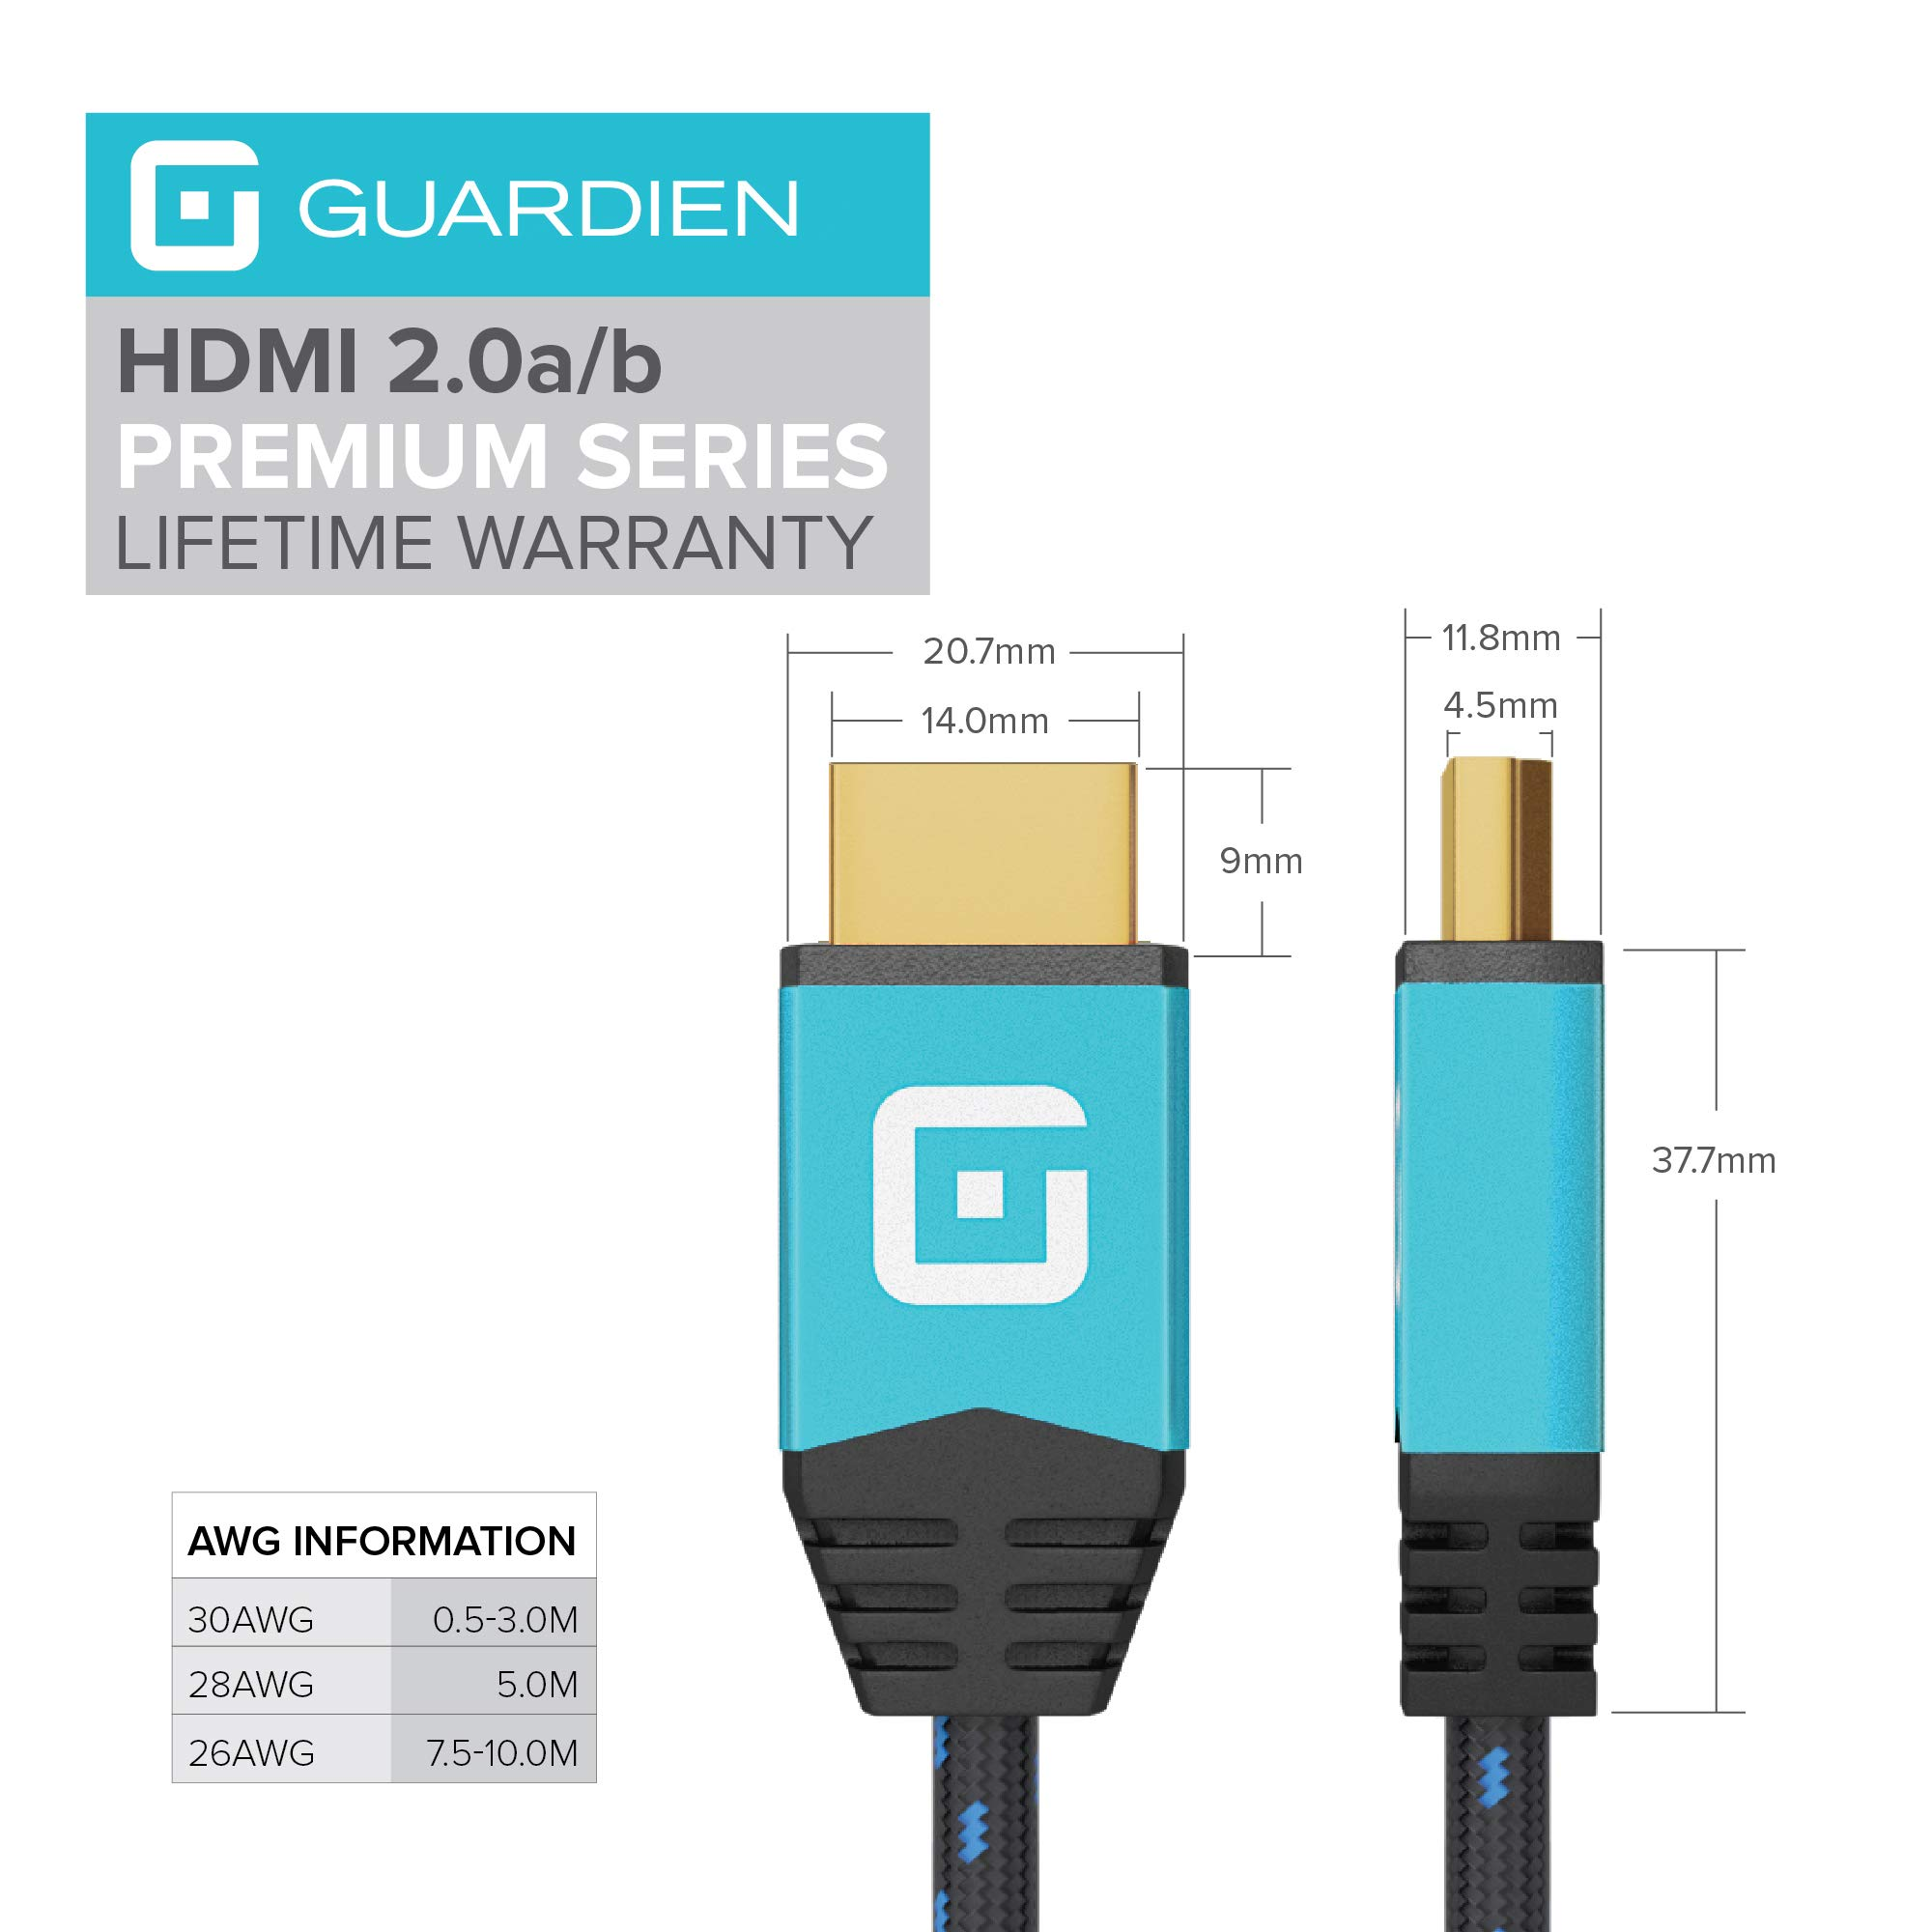 Guardian 0,6m HDMI Kabel / kompatibel mit HDMI 2.0a/b, 2.0, 1.4a (Ultra HD, 4K, 3D, Full HD, 1080p, HDR, ARC, Highspeed mit Ethernet)